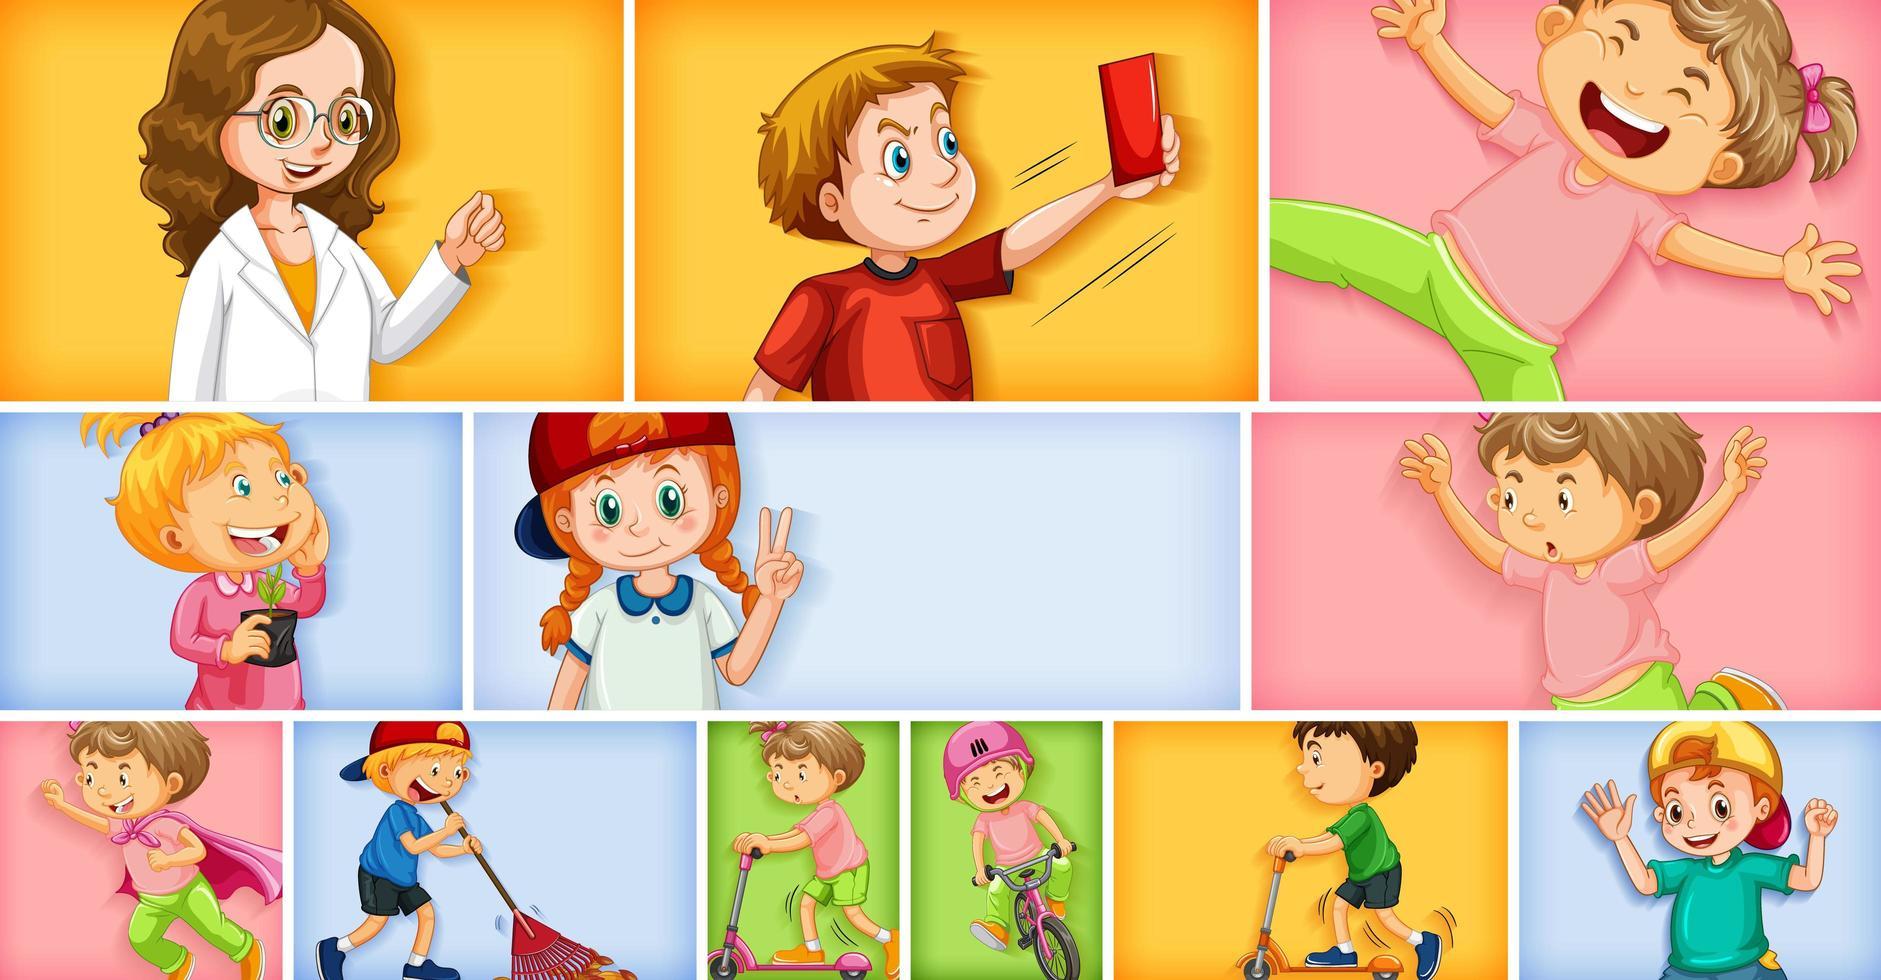 ensemble de différents personnages enfant sur fond de couleur différente vecteur